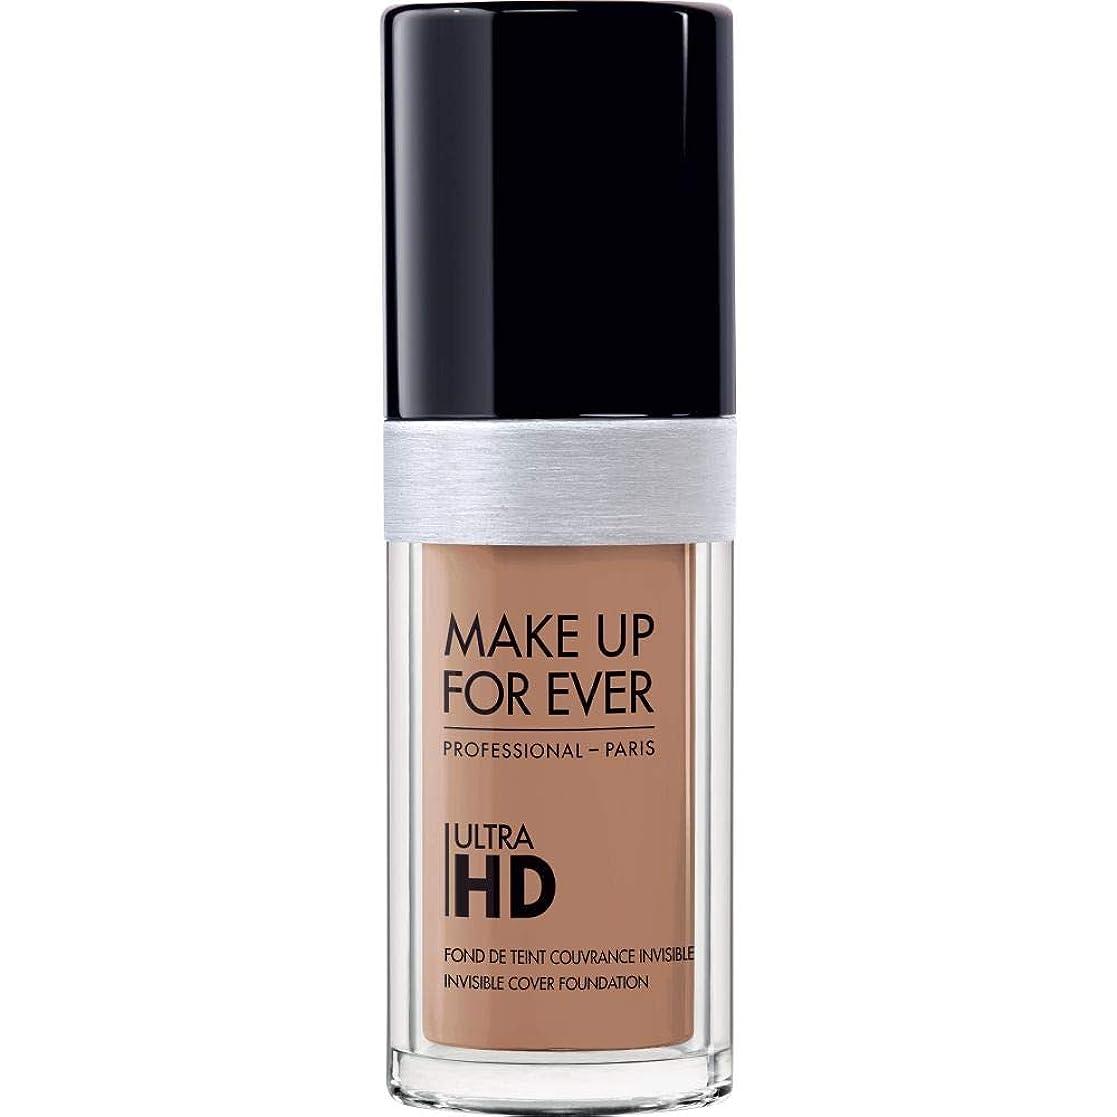 うがい薬陰気アルファベット順[MAKE UP FOR EVER ] 目に見えないカバーファンデーション30ミリリットルのY435 - - これまでの超Hdの基盤を補うキャラメル - MAKE UP FOR EVER Ultra HD Foundation - Invisible Cover Foundation 30ml Y435 - Caramel [並行輸入品]